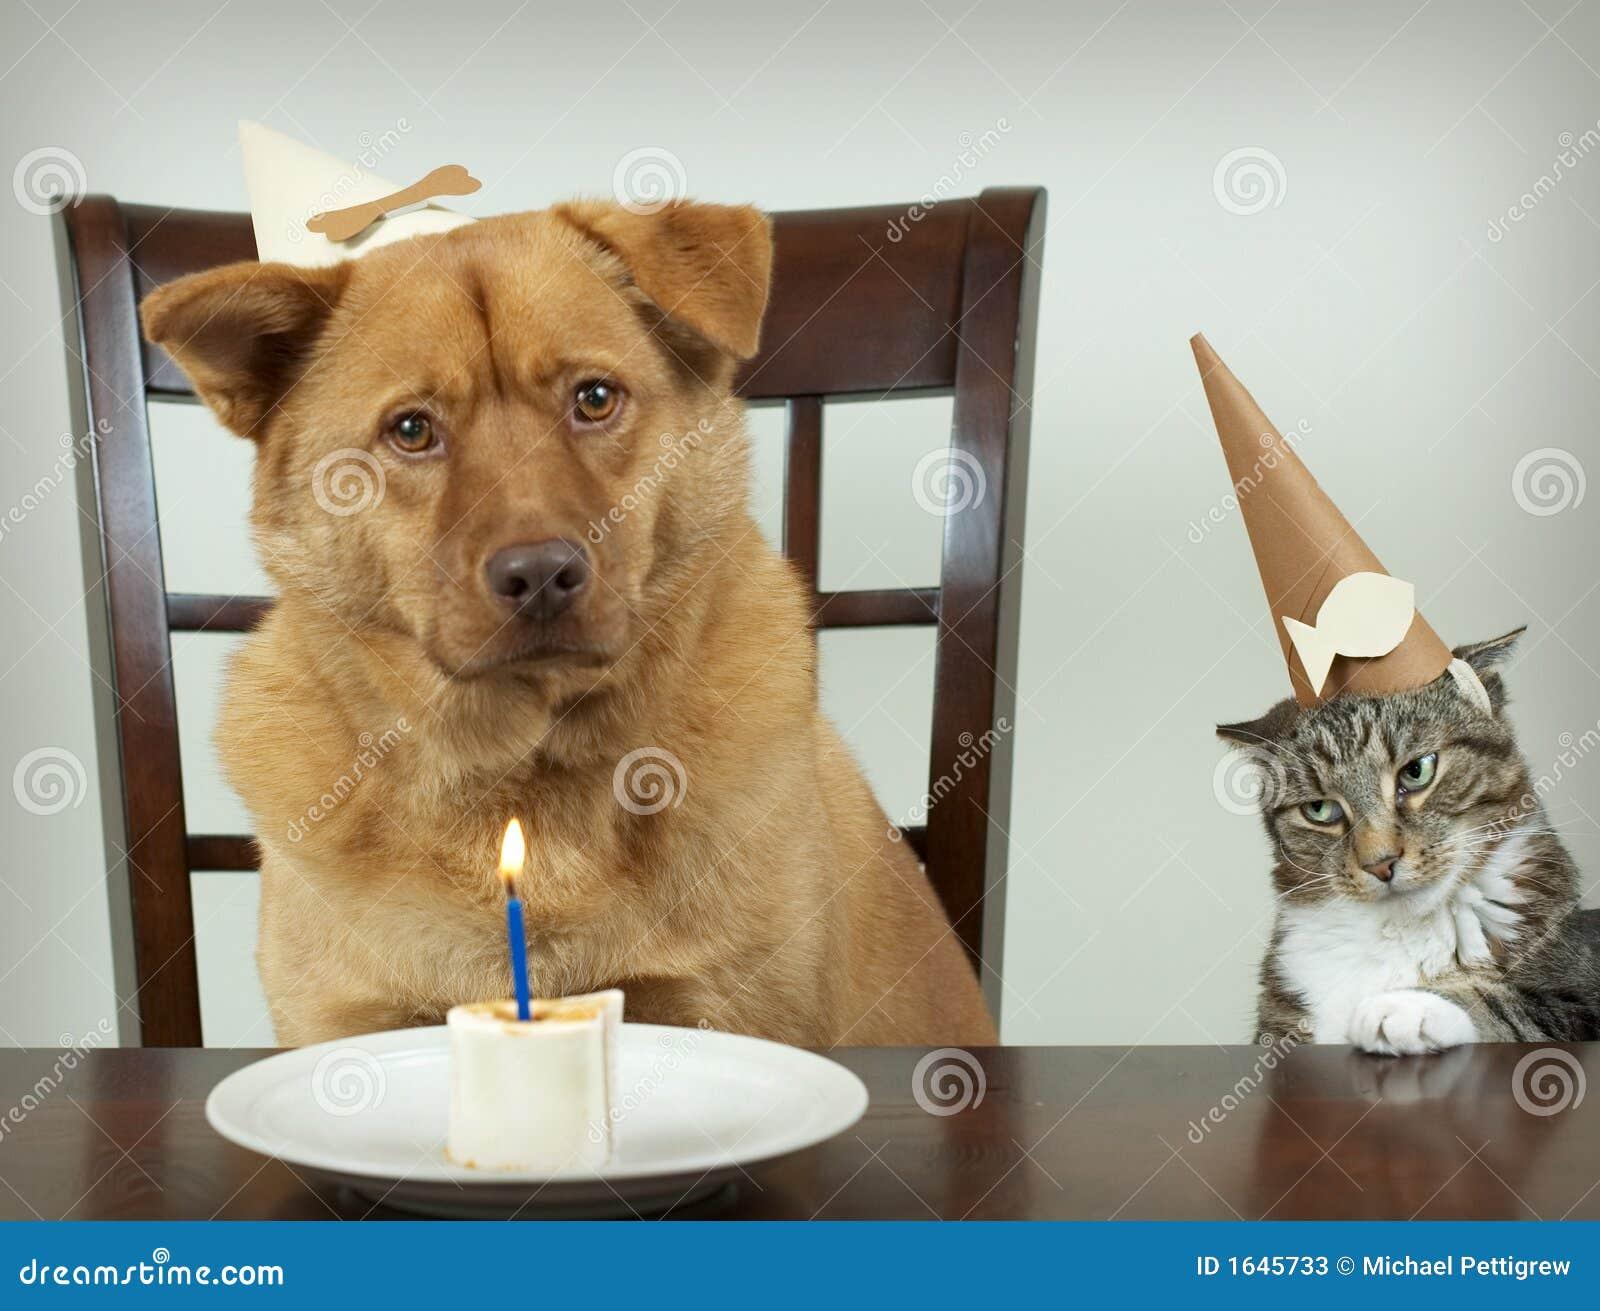 Anniversaire Animaux.Fete D Anniversaire D Animal Familier Image Stock Image Du